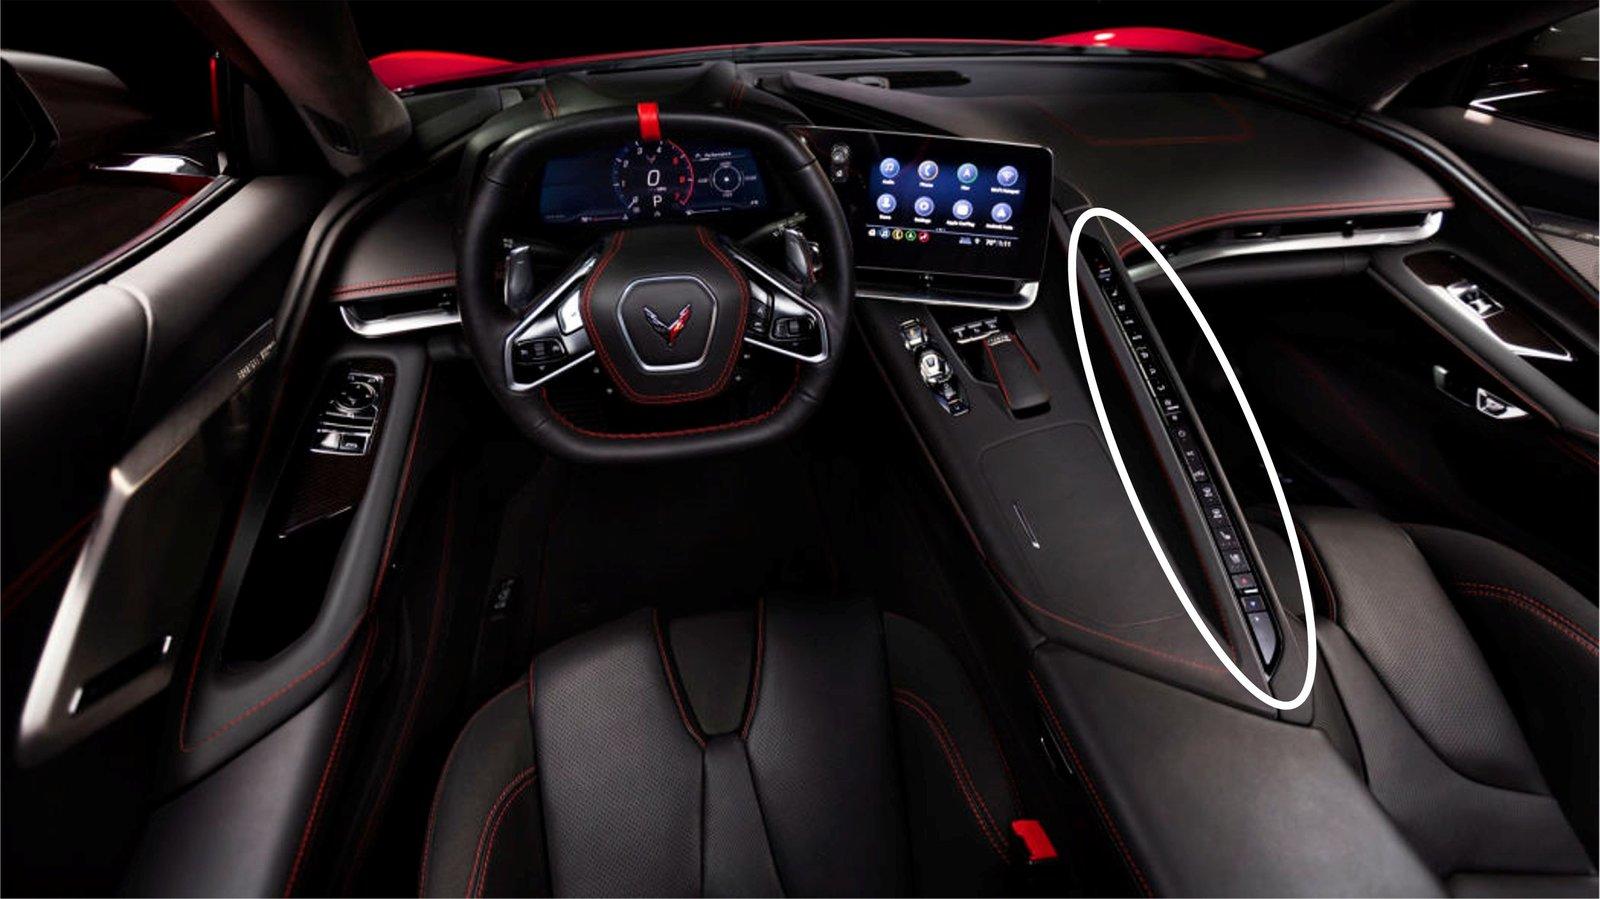 2020-chevrolet-corvette-c8-09-2.jpg